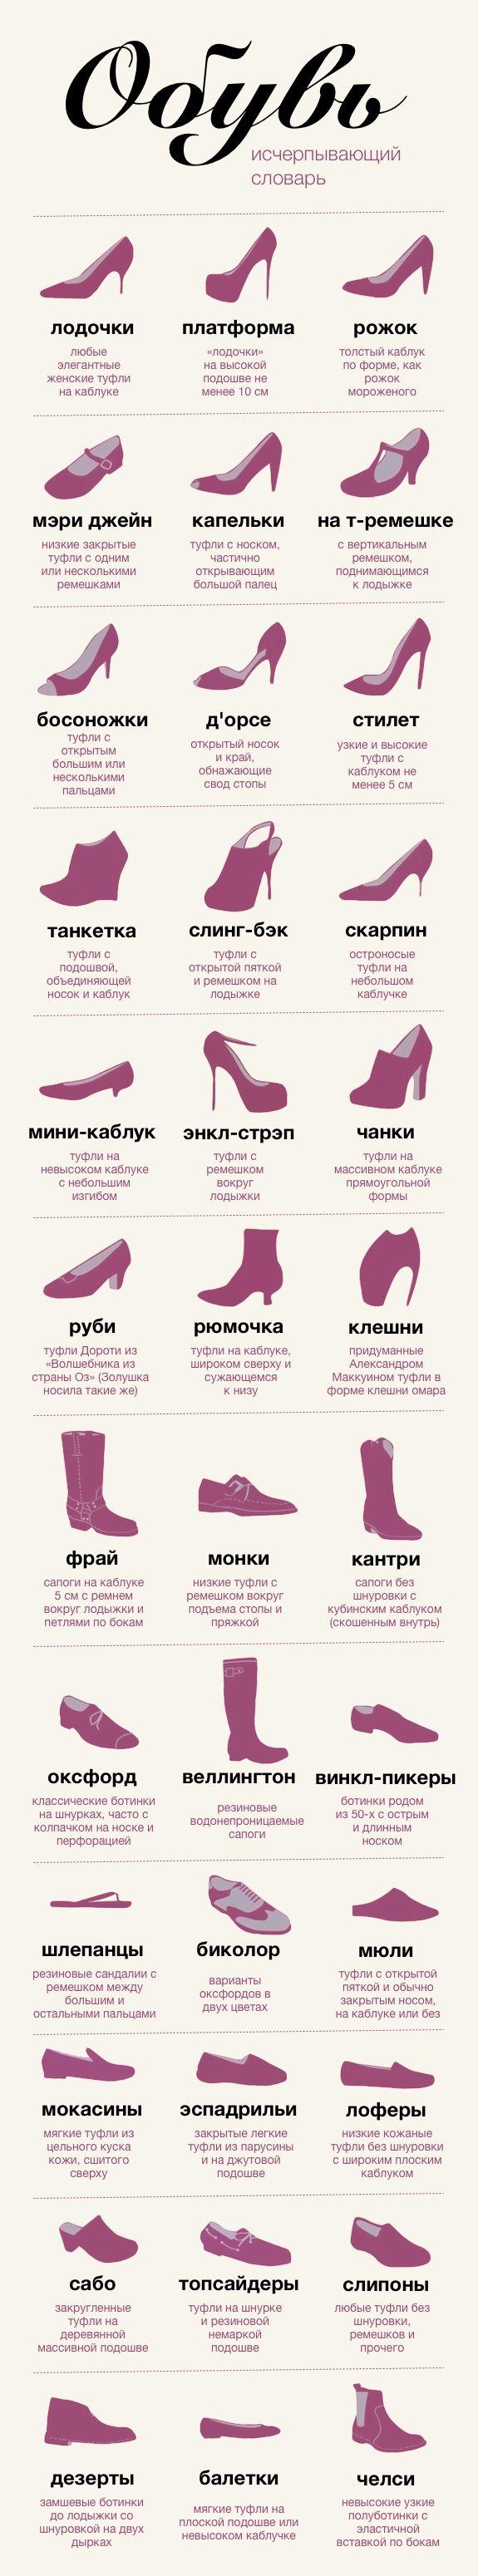 infografika-slovar-po-obuvi